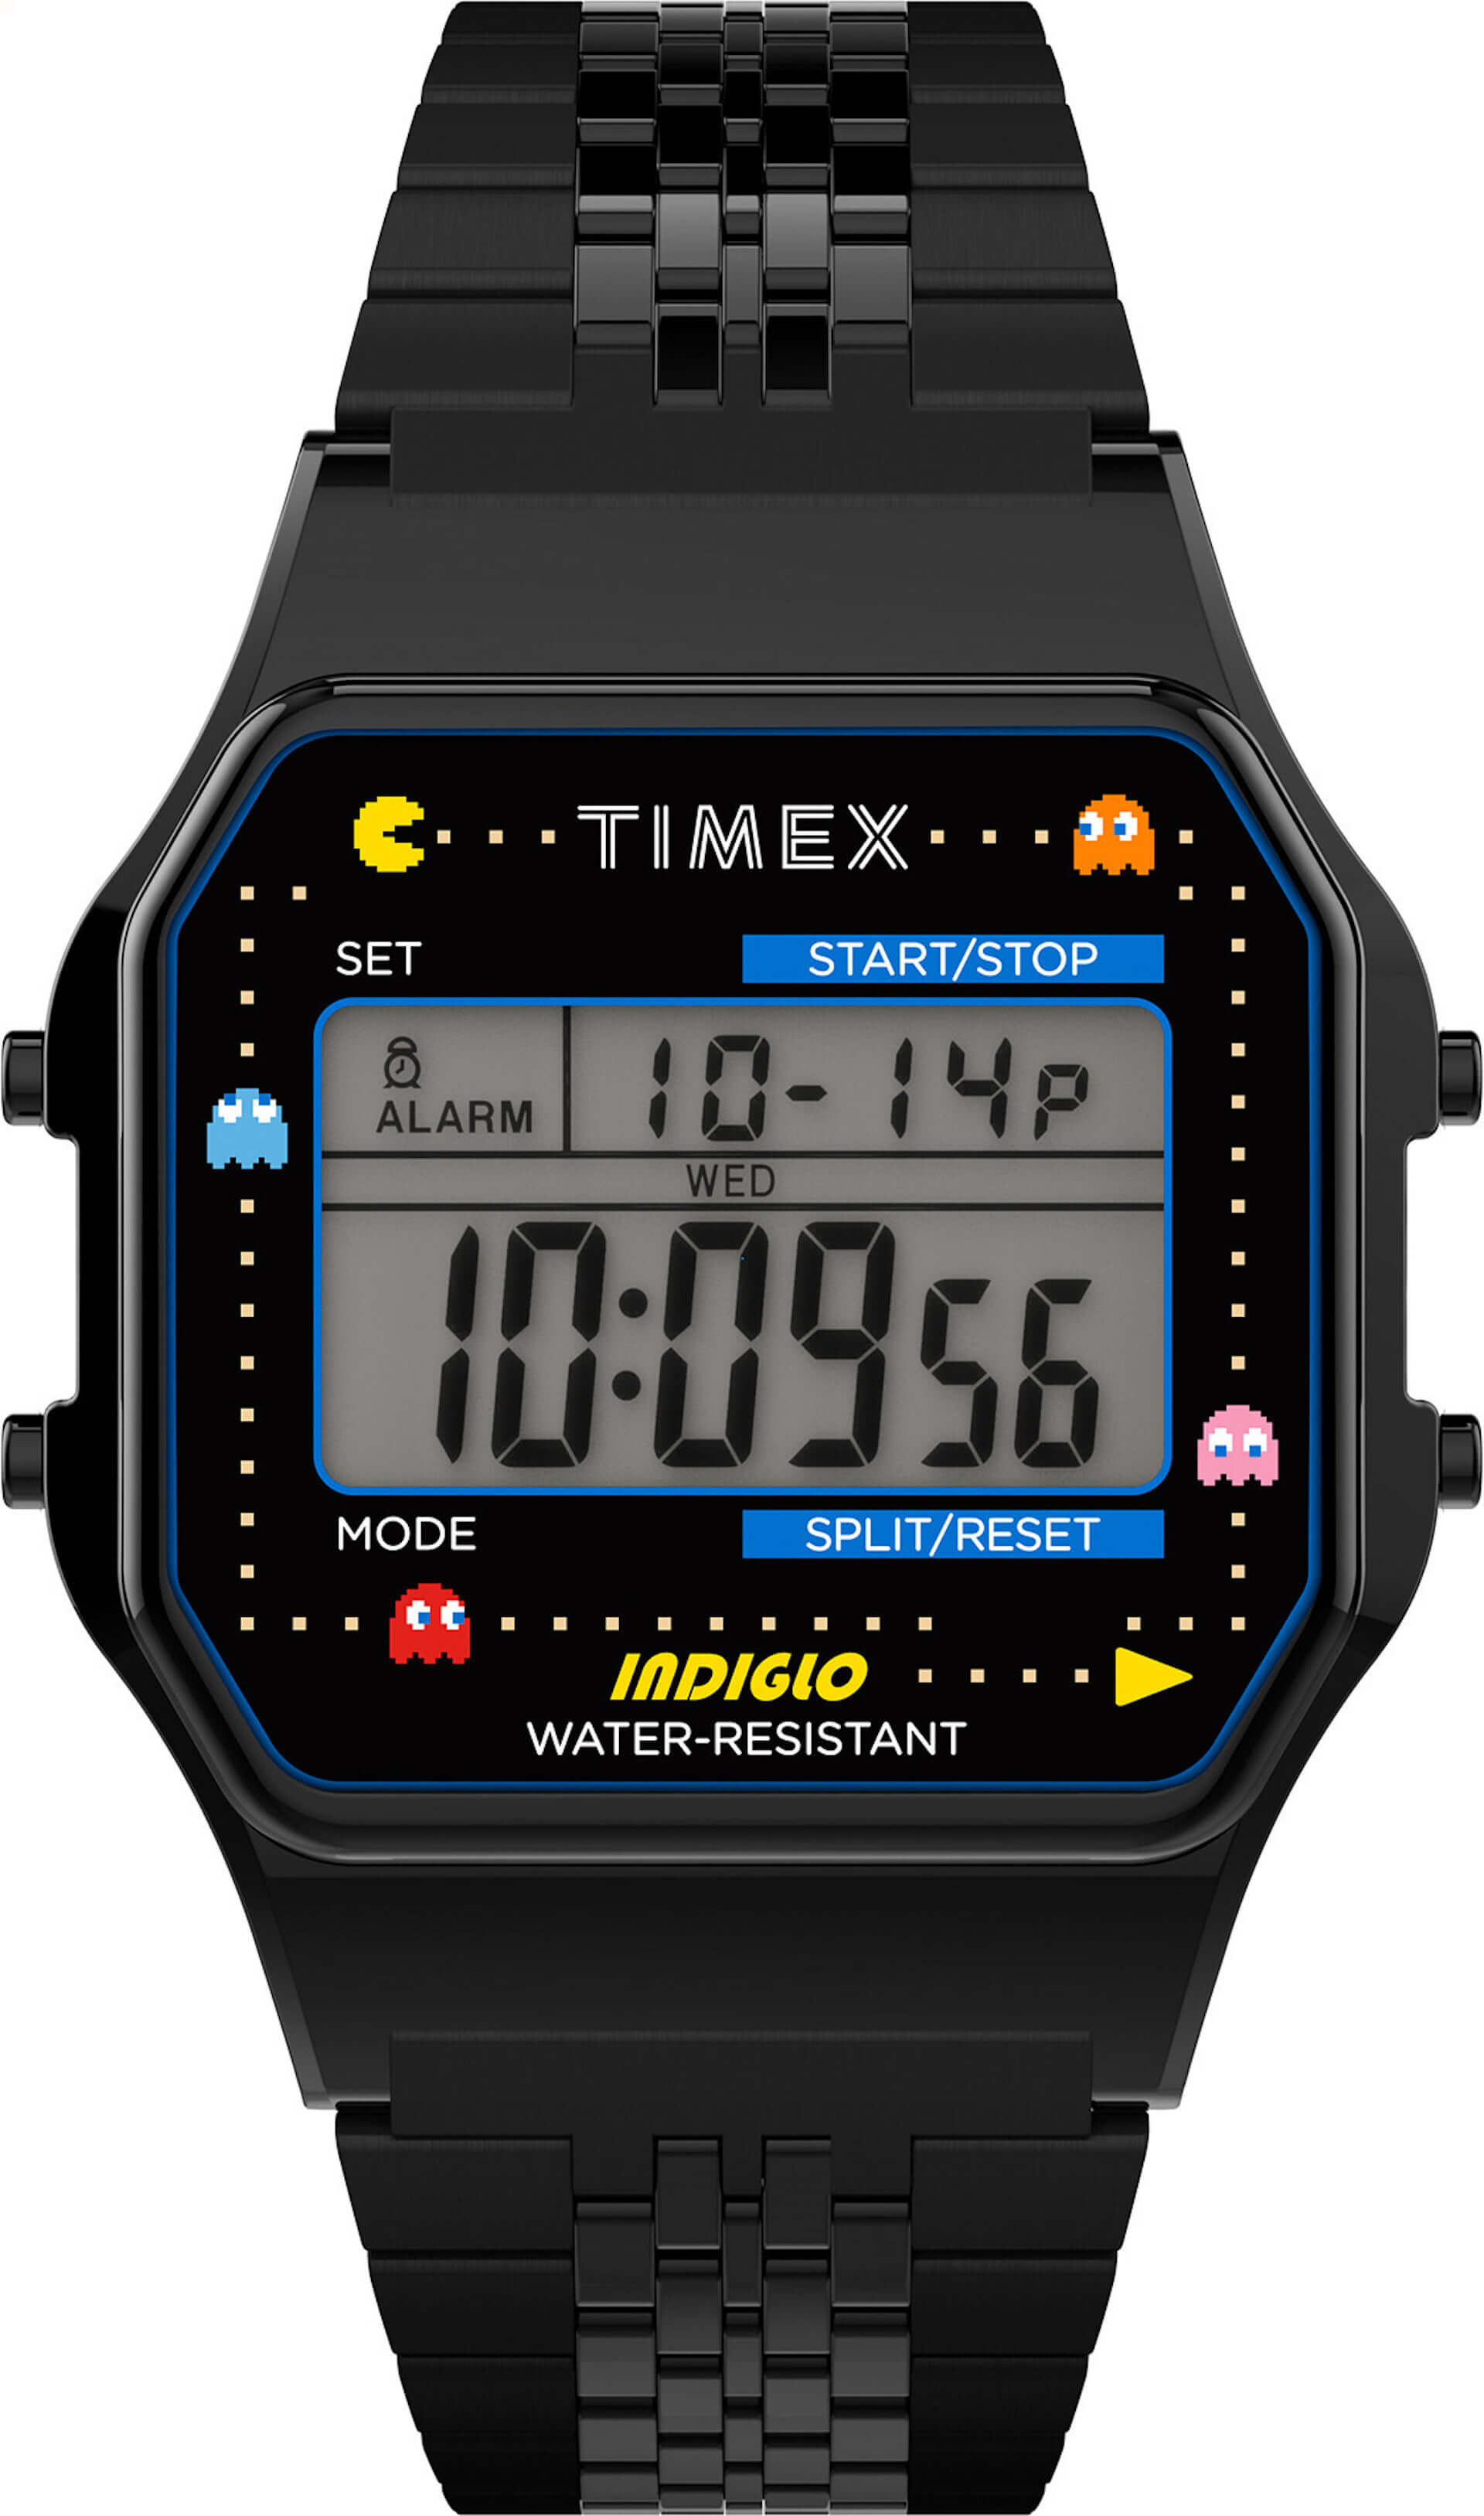 『パックマン』生誕40周年記念!米国の腕時計ブランド「タイメックス」から昨年即完売したコラボモデルが発売決定 tech200729_timex-pacman_4-1920x3255